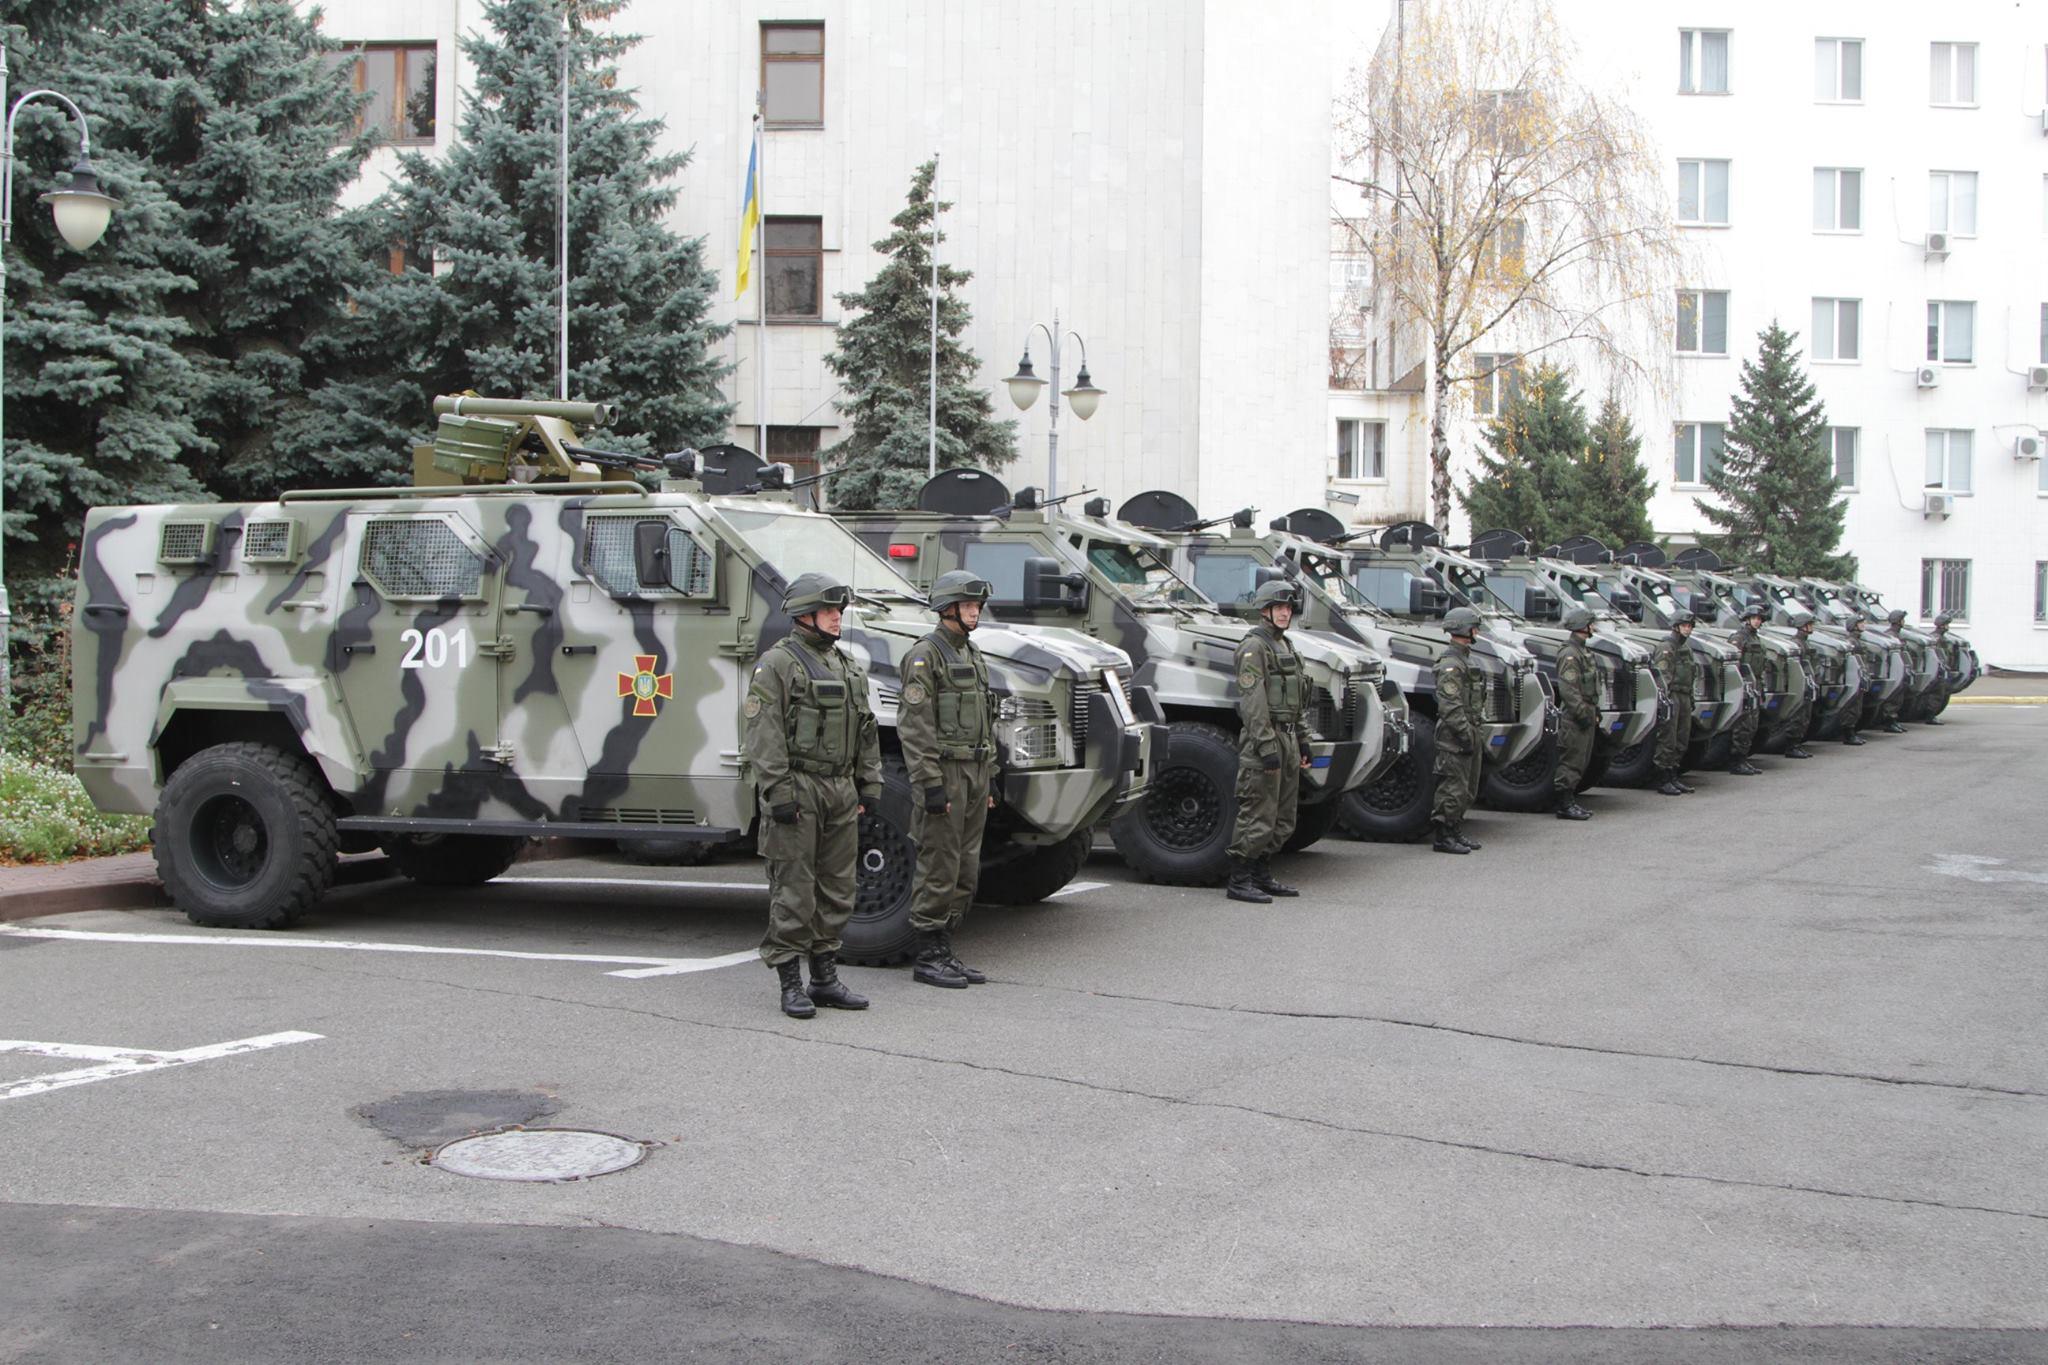 Для Нацгвардии прибыла партия бронеавтомобилей КрАЗ Спартан: фото